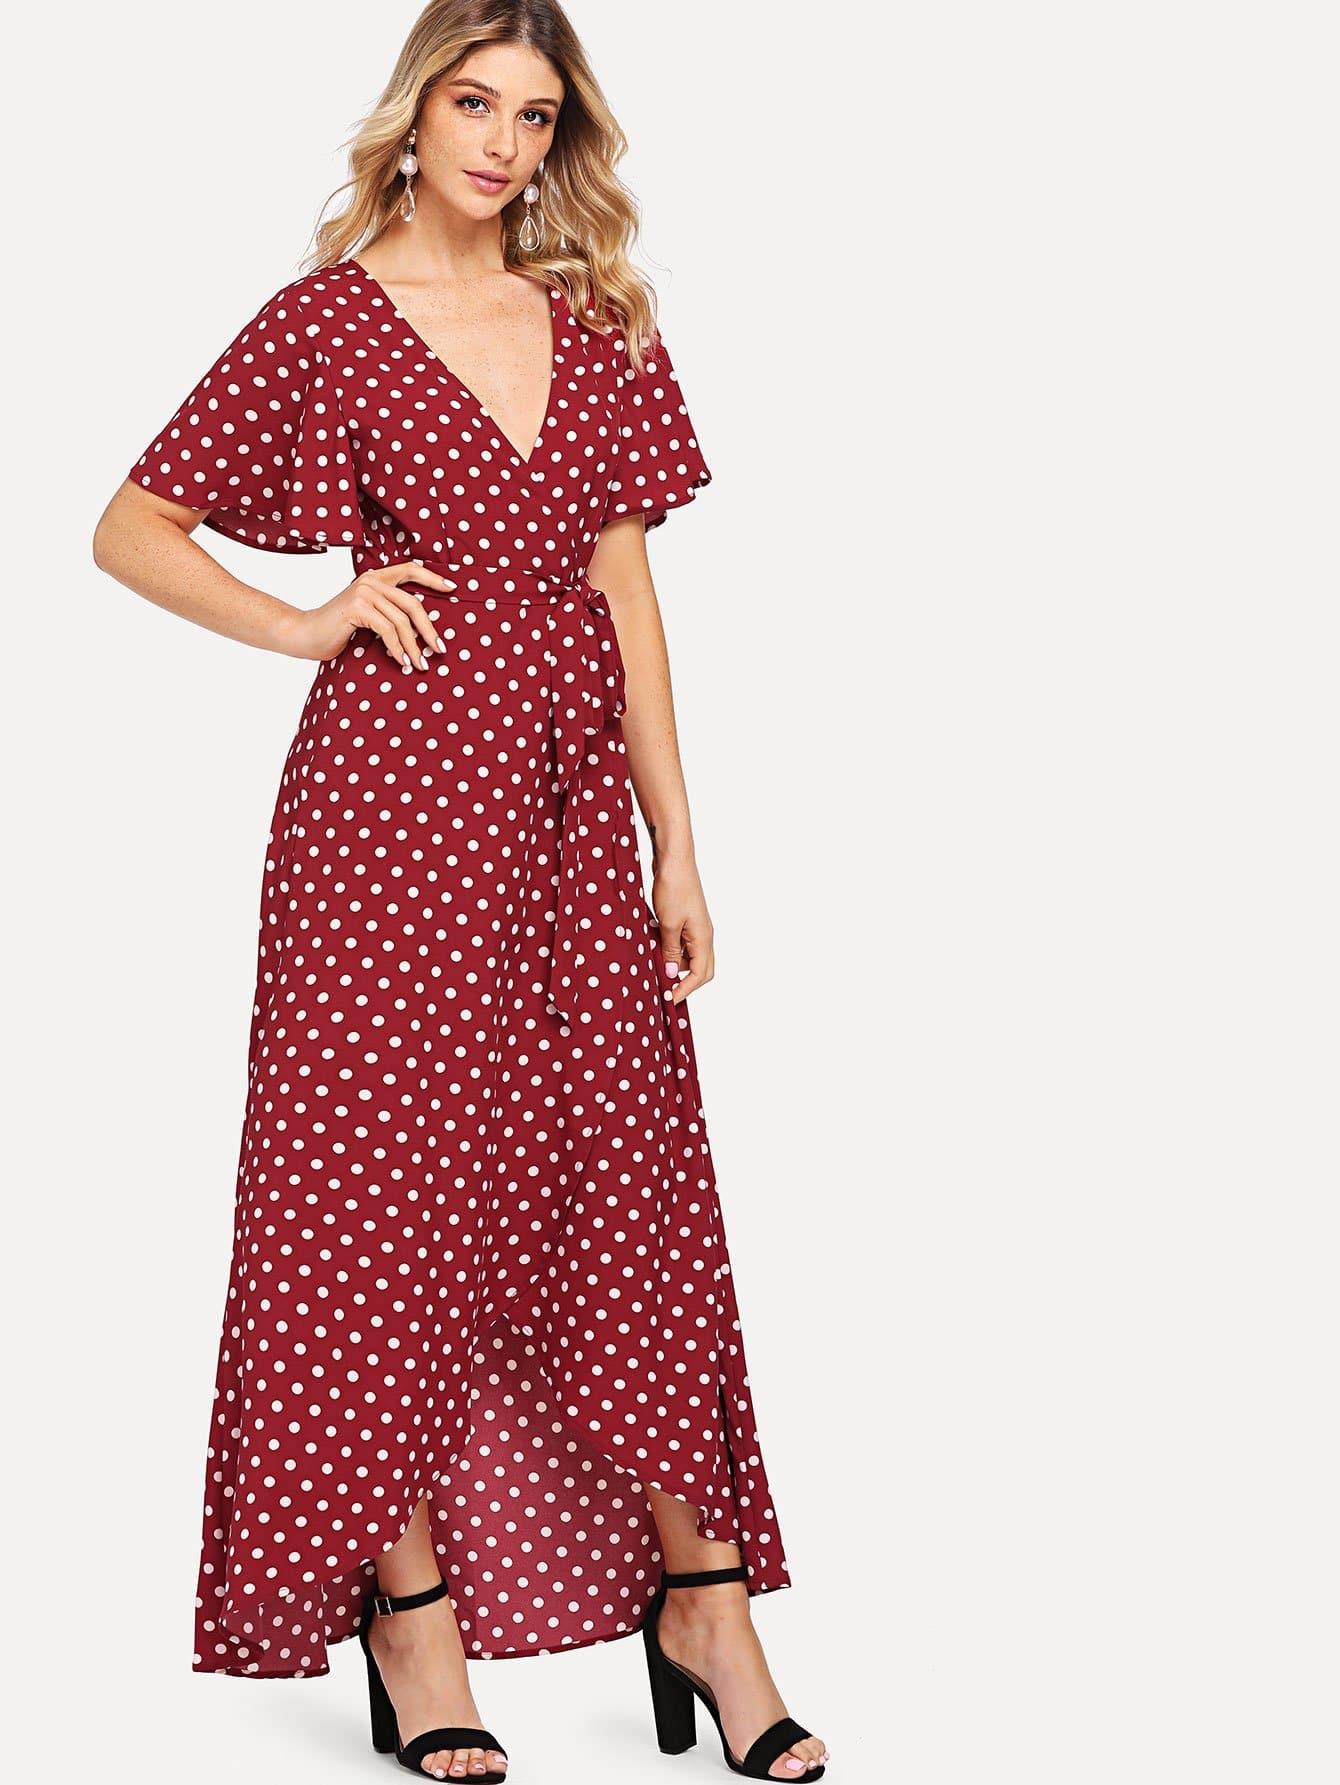 Платье с надписью Veck Neck Polka